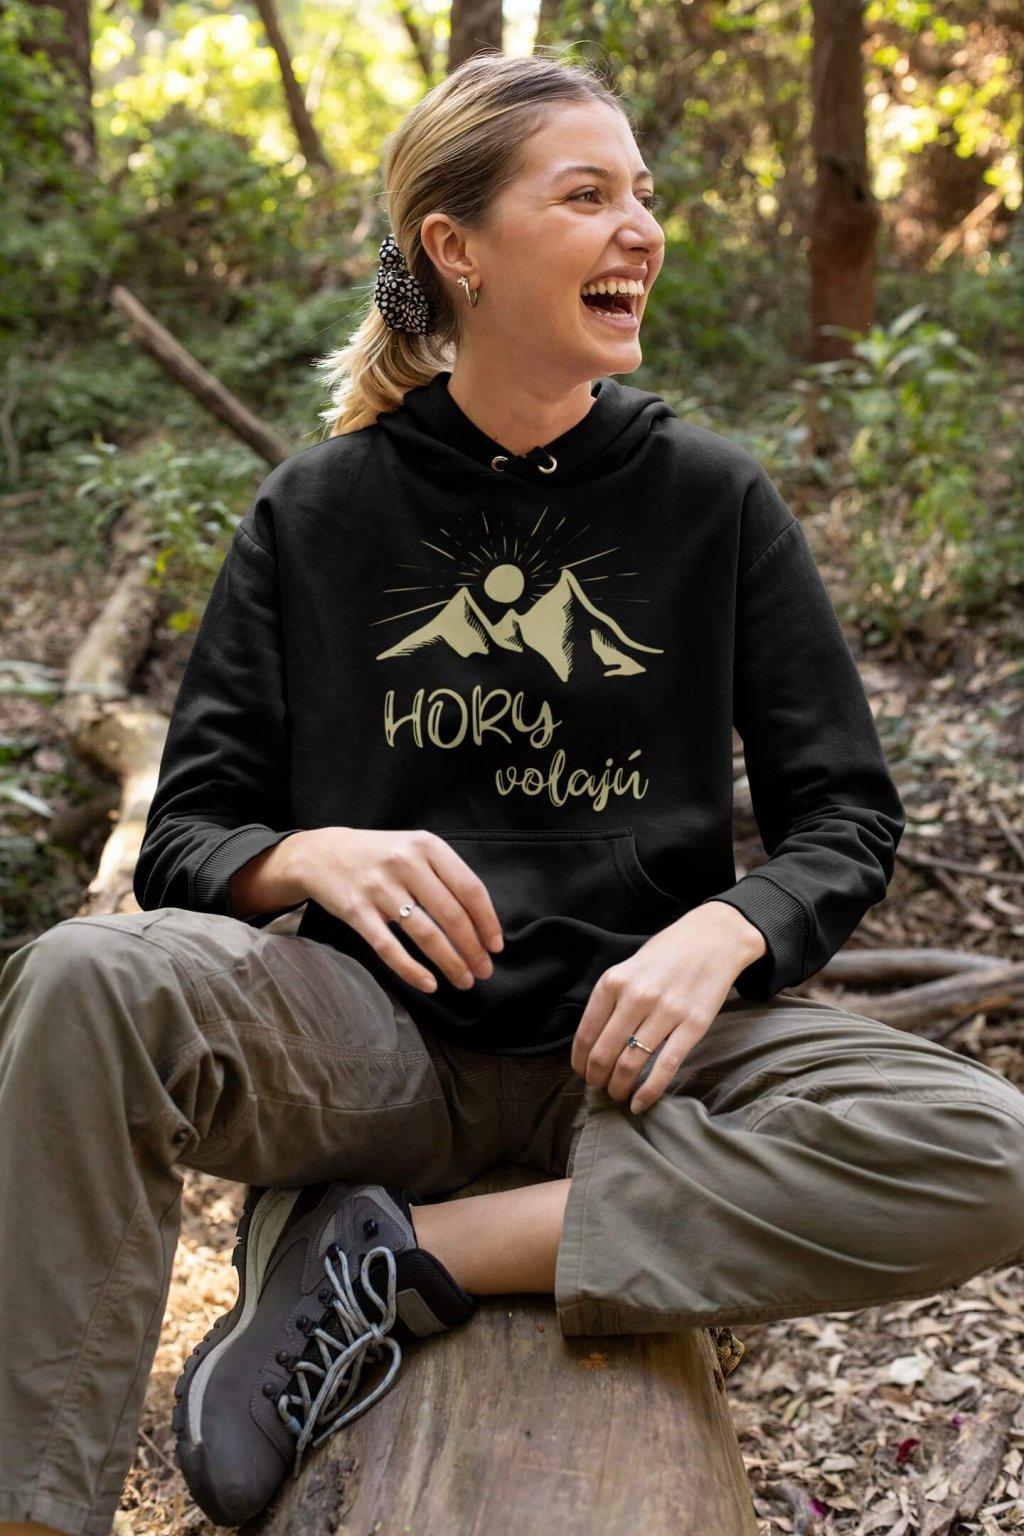 Dámska mikina s kapucňou hory volajú